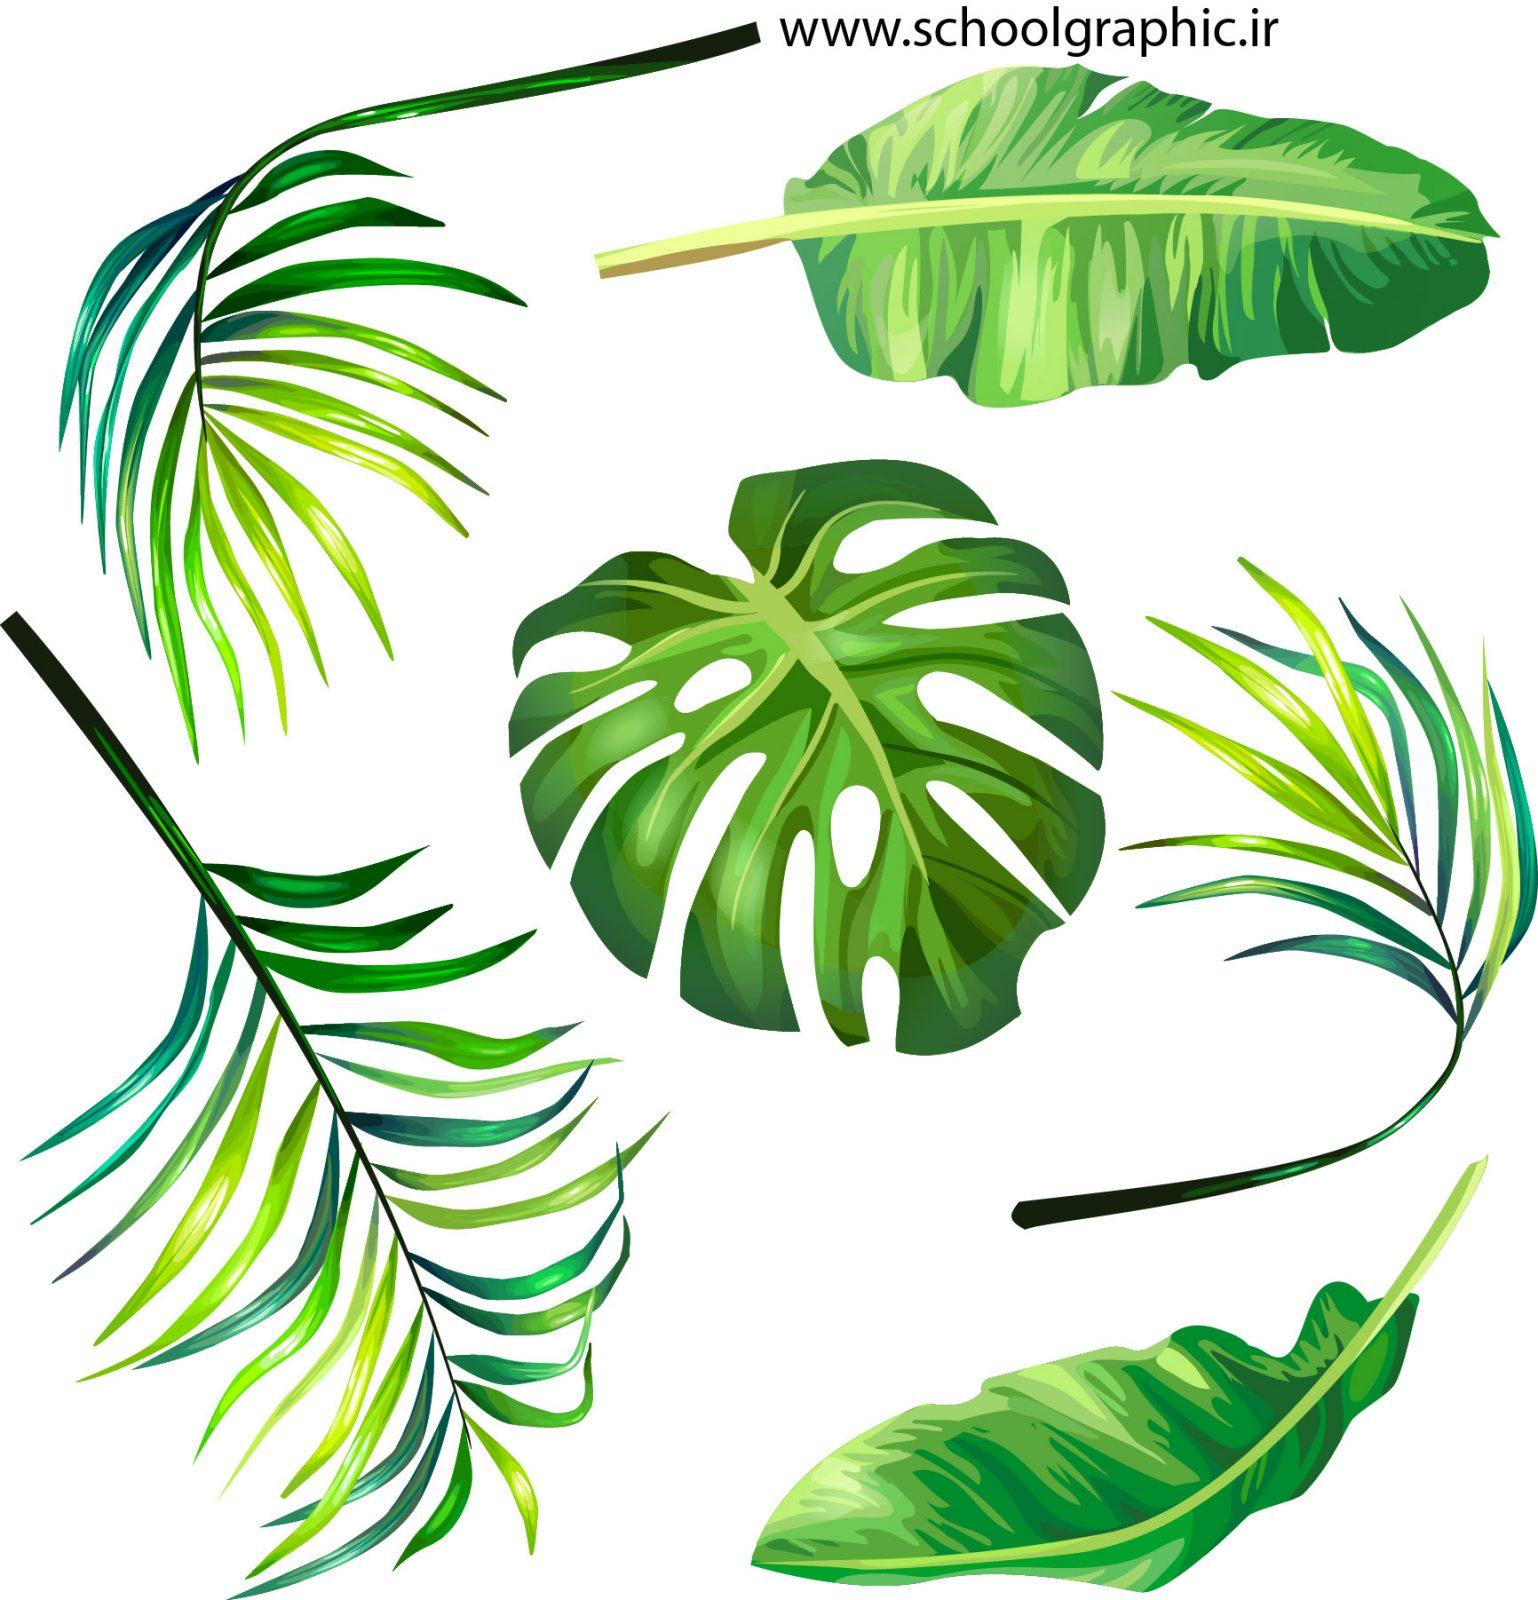 دانلود وکتور لایه باز برگ سبز برای ایلوستریتور